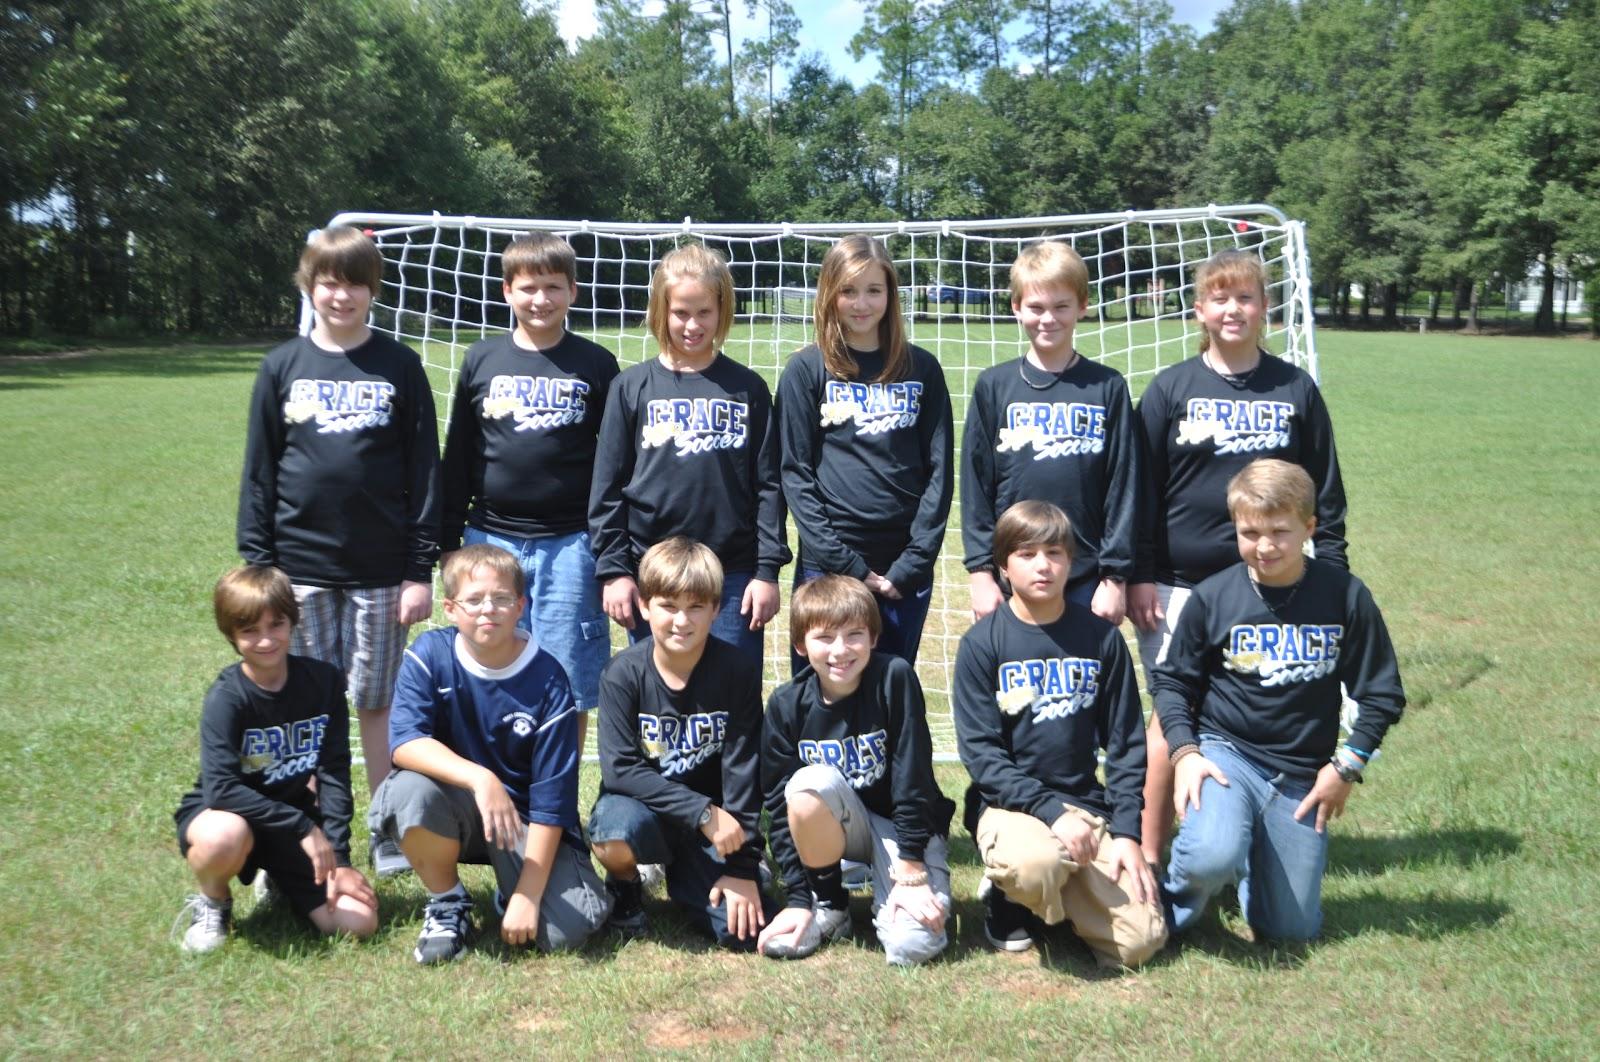 Grace Christian Academy Gca Middle School Soccer Team